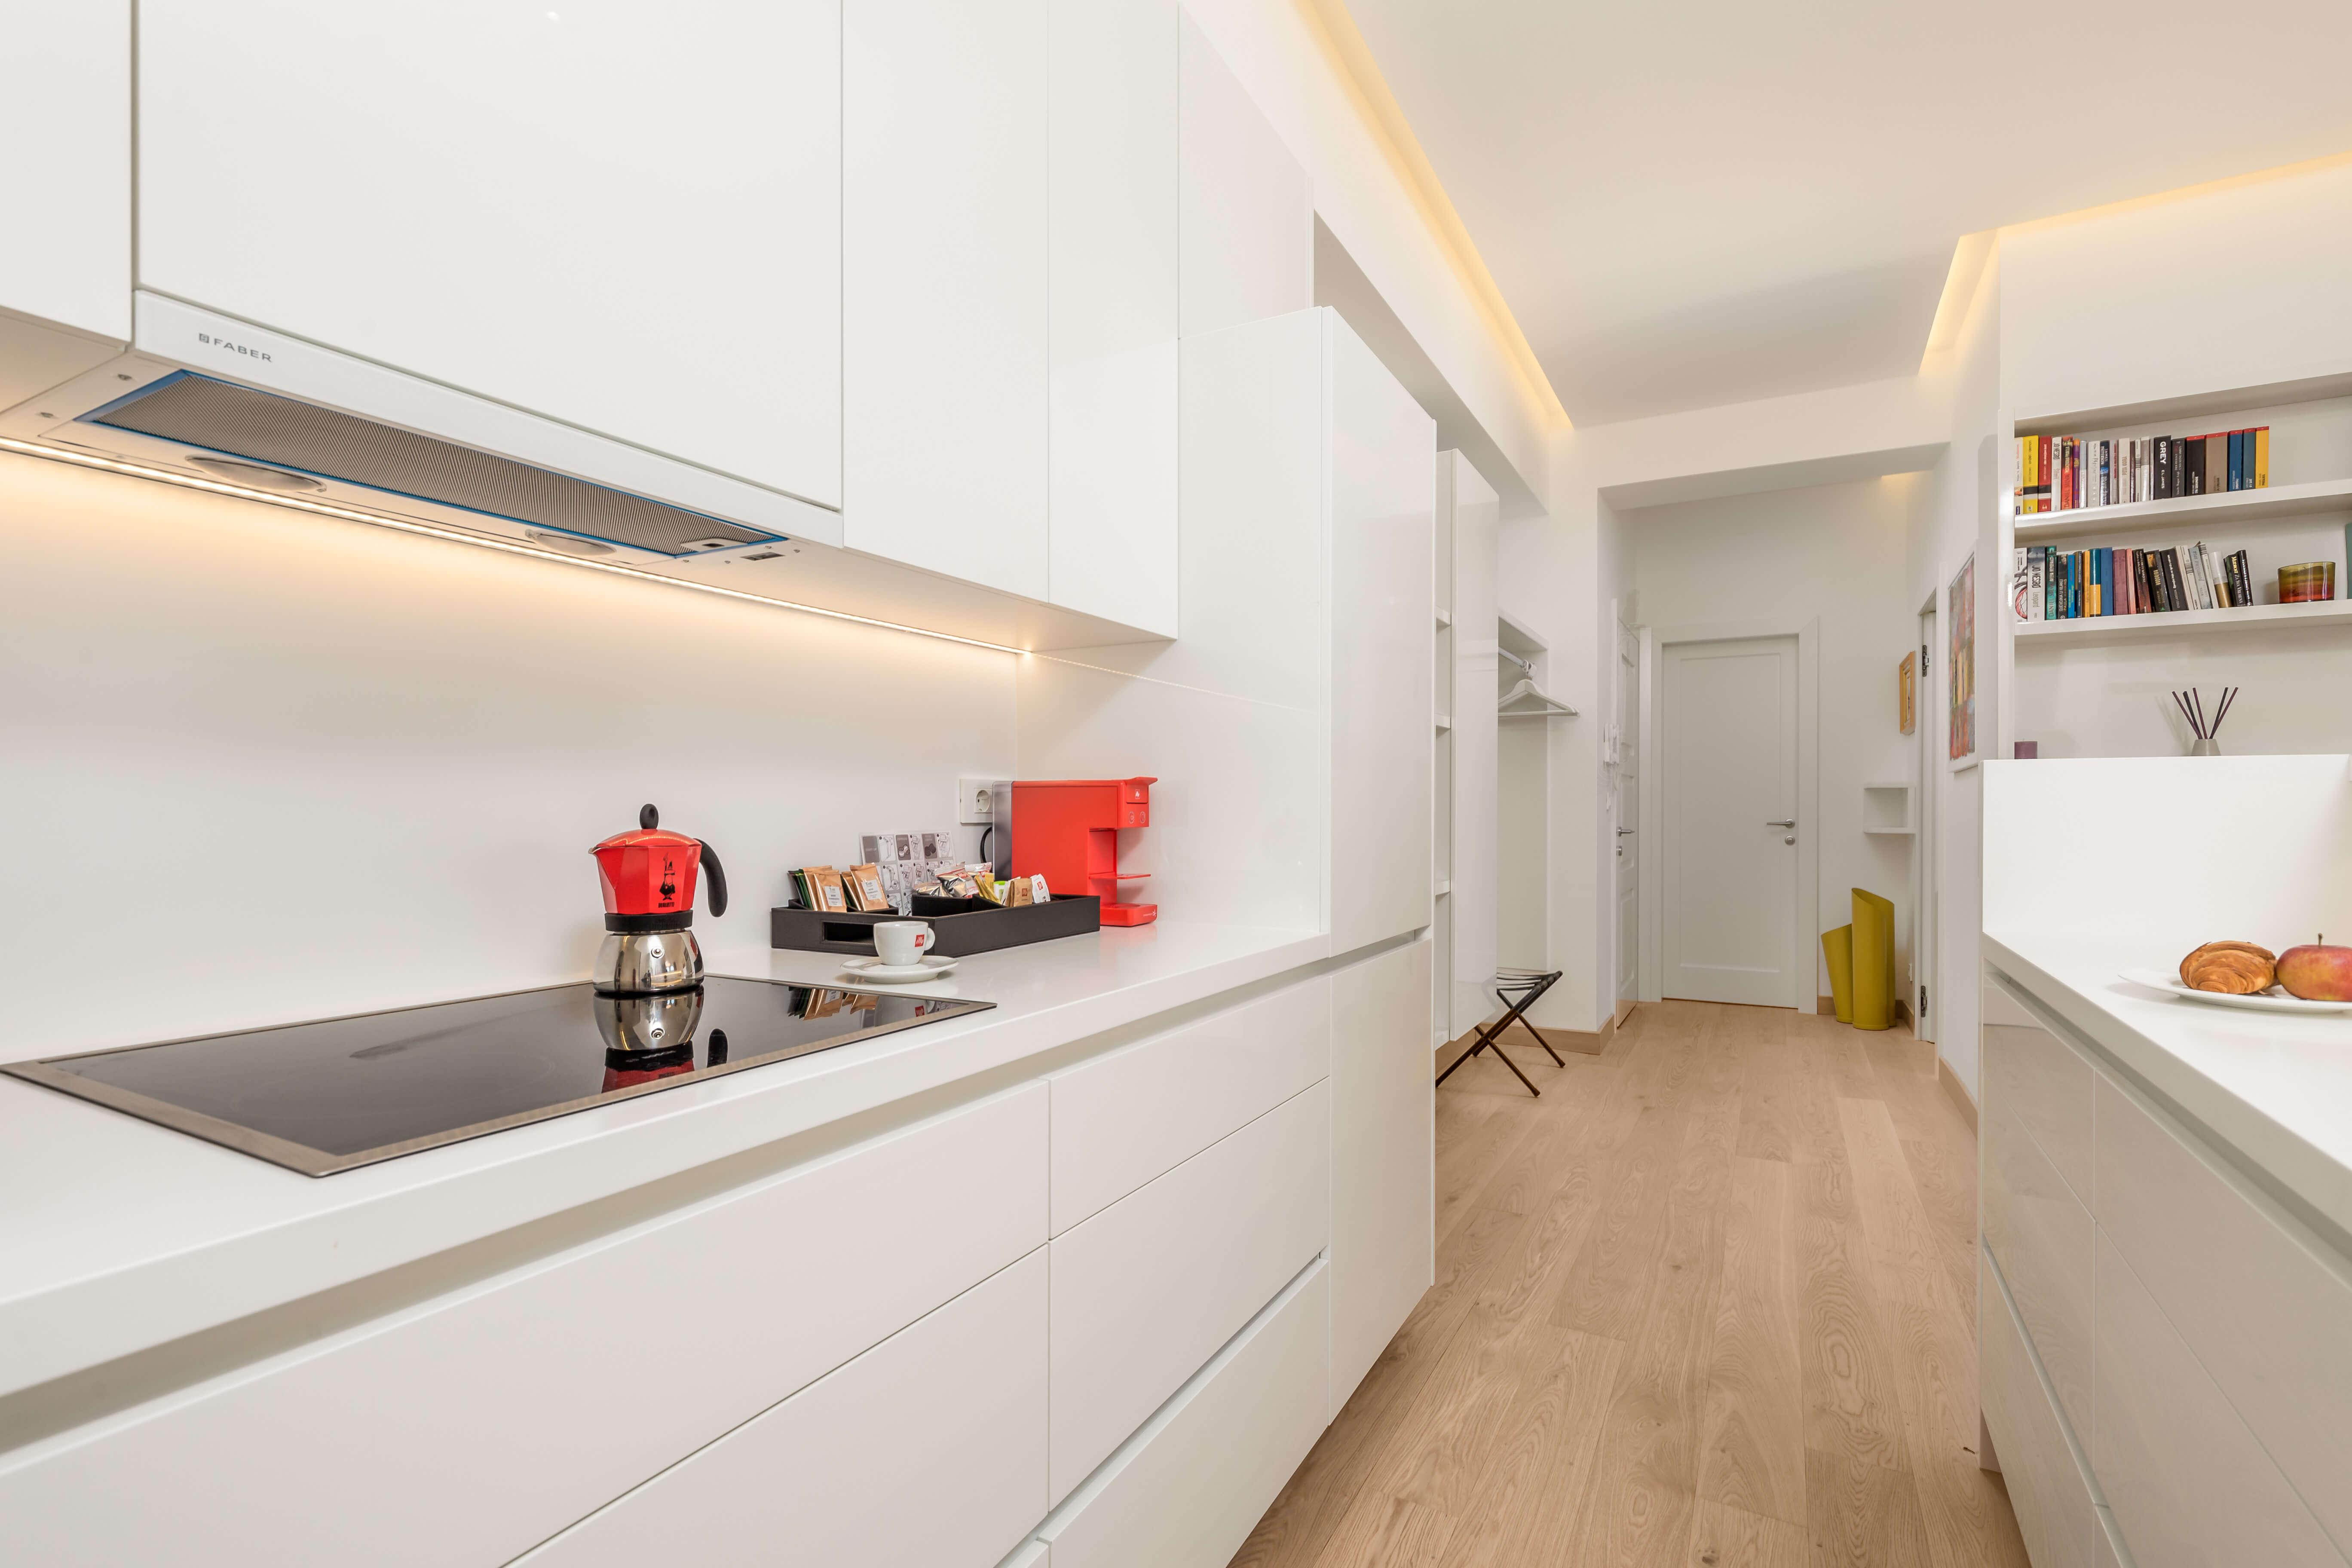 kuhinja, bijela kuhinja, detalji u kuhinji, apartman OLA; luksuzni apartman, opatija, hrvatska, kvarner